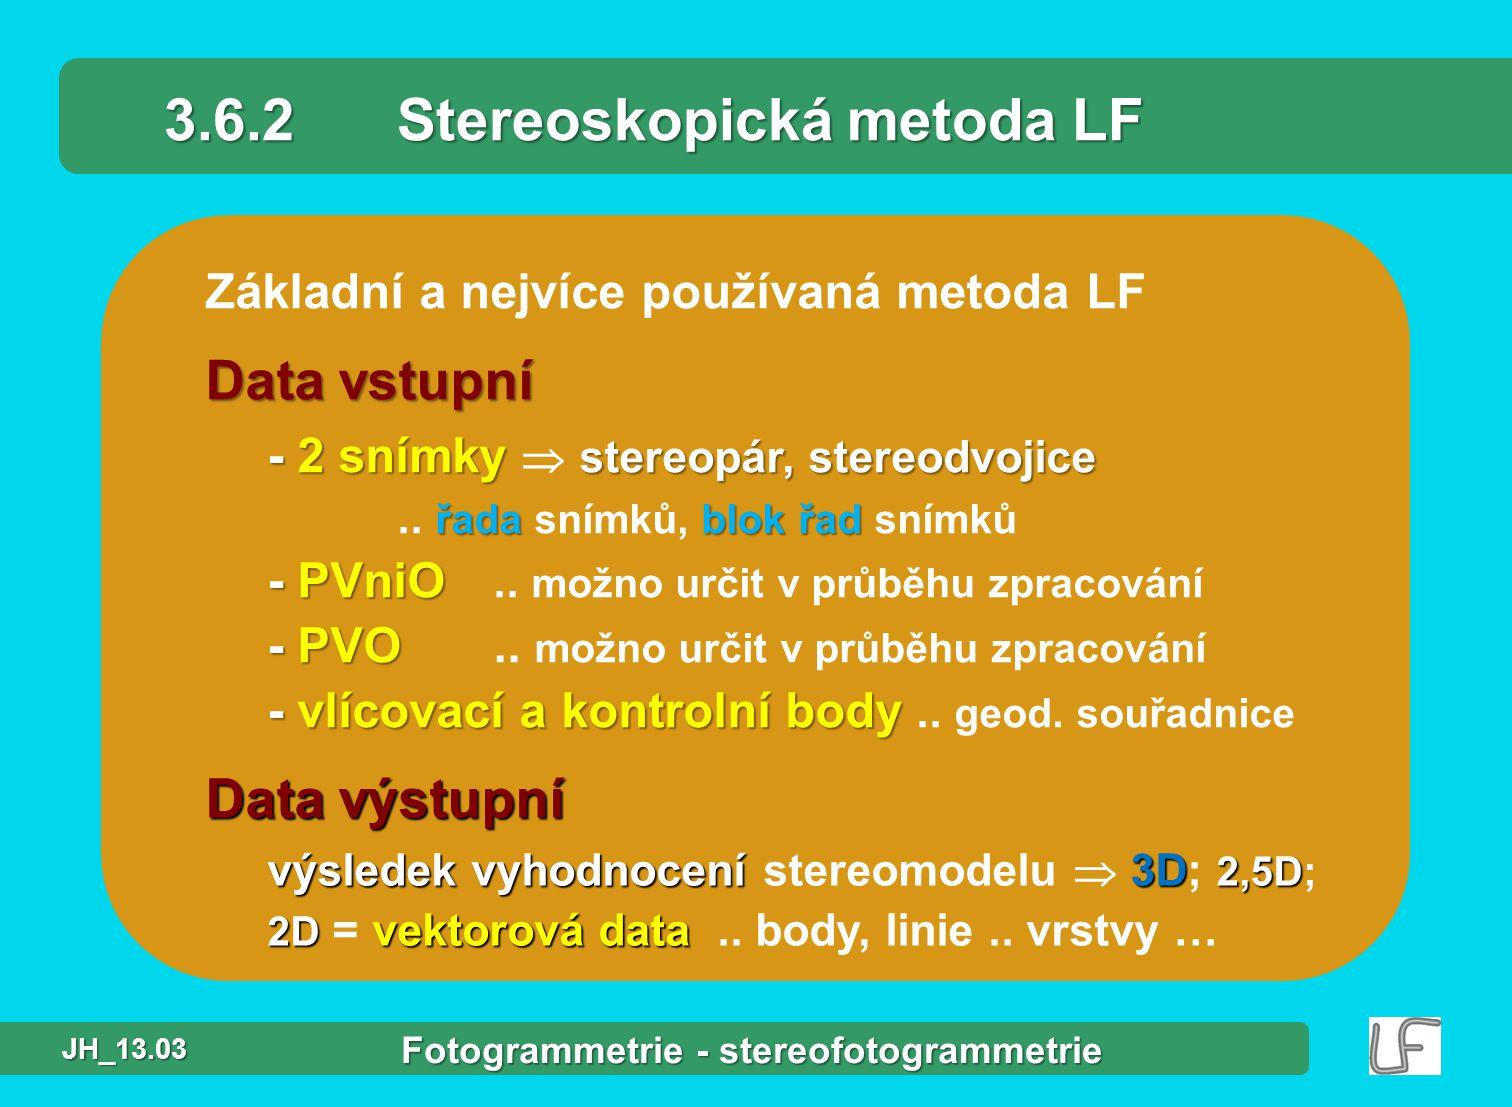 Základní a nejvíce používaná metoda LF 3.6.2Stereoskopická metoda LF Data vstupní - 2 snímky stereopár, stereodvojice řadablok řad - PVniO - PVO - vlícovací a kontrolní body - 2 snímky  stereopár, stereodvojice..